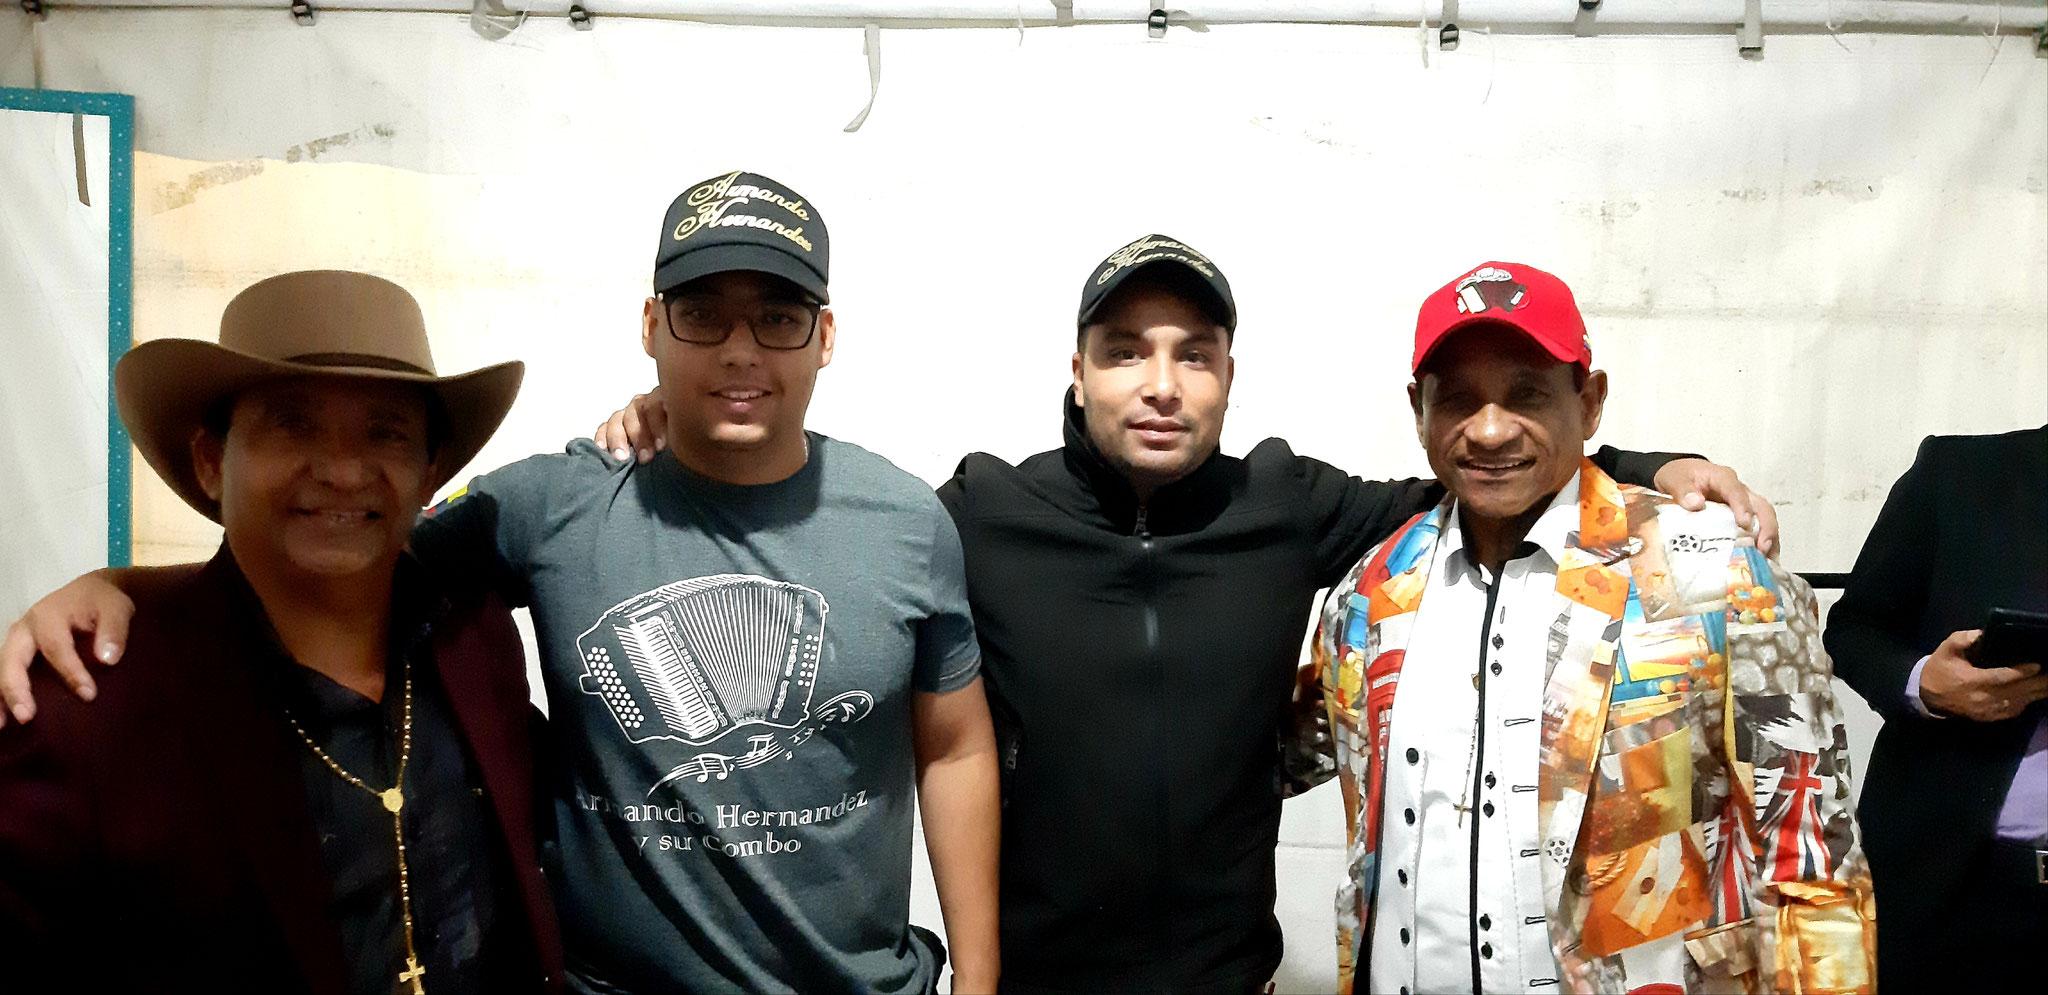 Armando Hernández y su Combo en feria de Manizales enero 2019